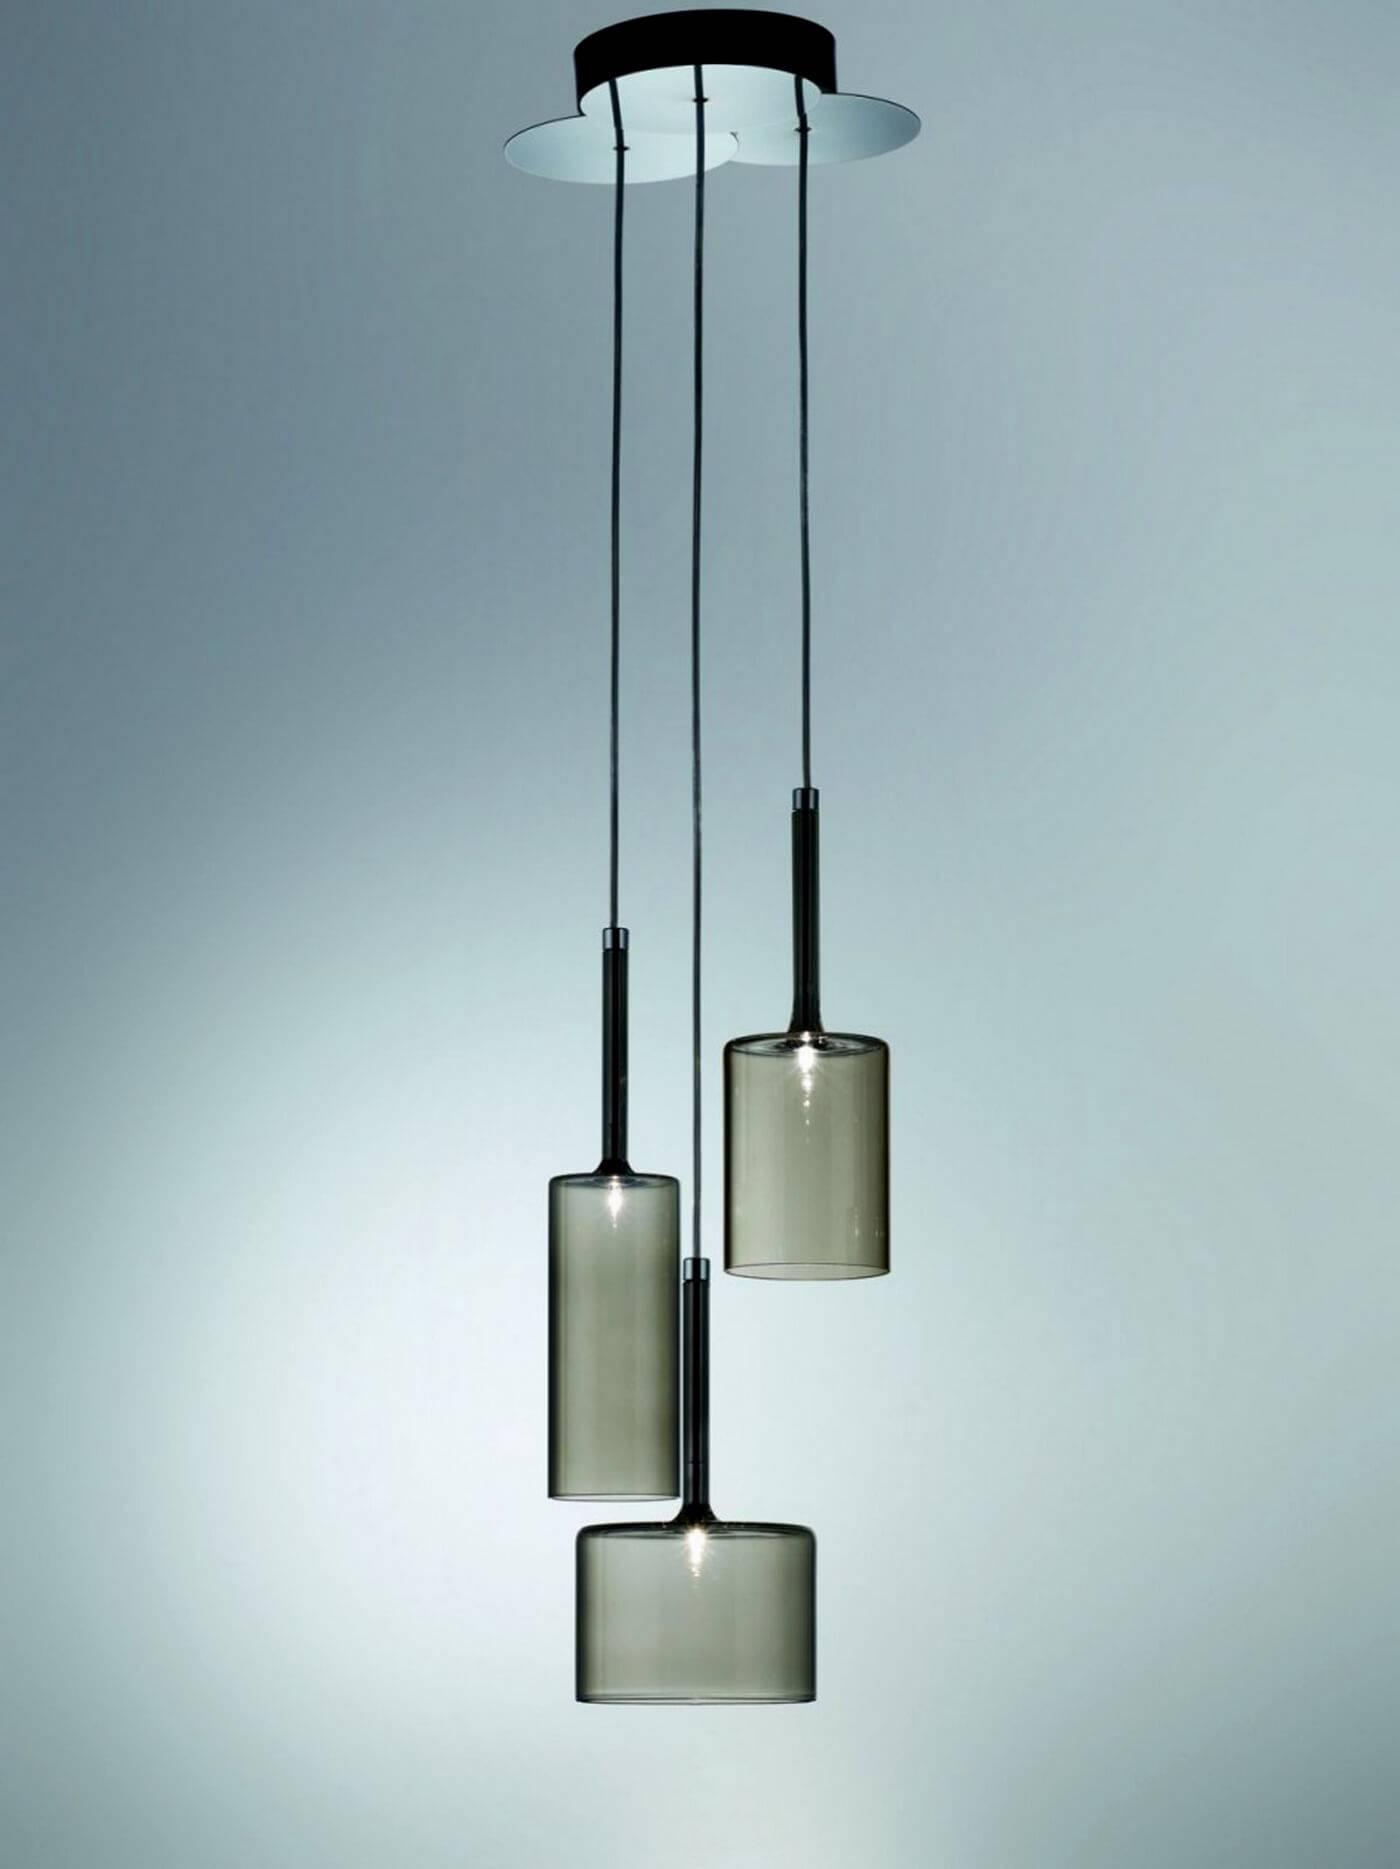 Lighting & Lamp: - Modern Pendant Lighting | Modern Pendant intended for Modern Pendant Lights Sydney (Image 9 of 15)